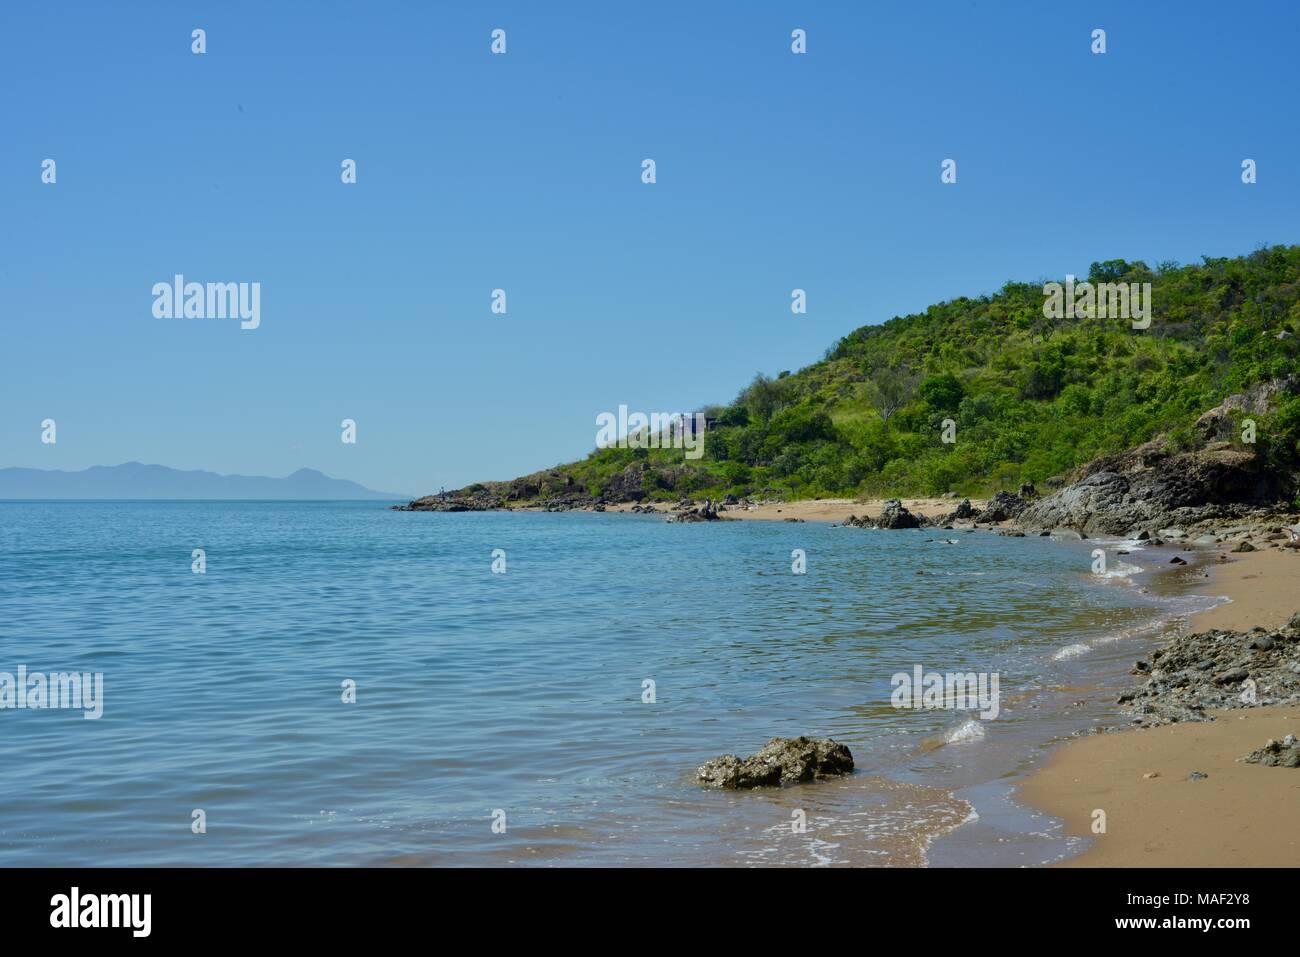 L'océan et de la plage sans les gens avec un sentiment d'éloignement, Shelly Cove Sentier au Cape Pallarenda Conservation Park Queensland Australie Photo Stock